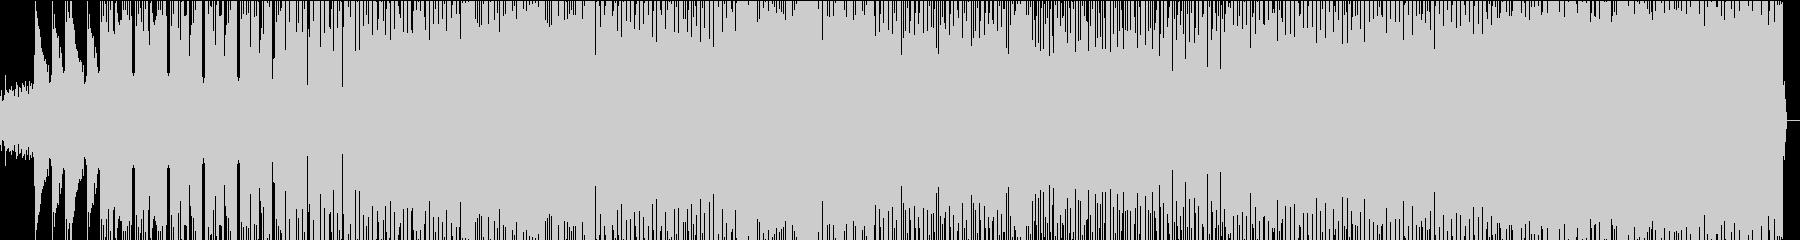 和のメロディを取り入れた縦ノリのEDMの未再生の波形